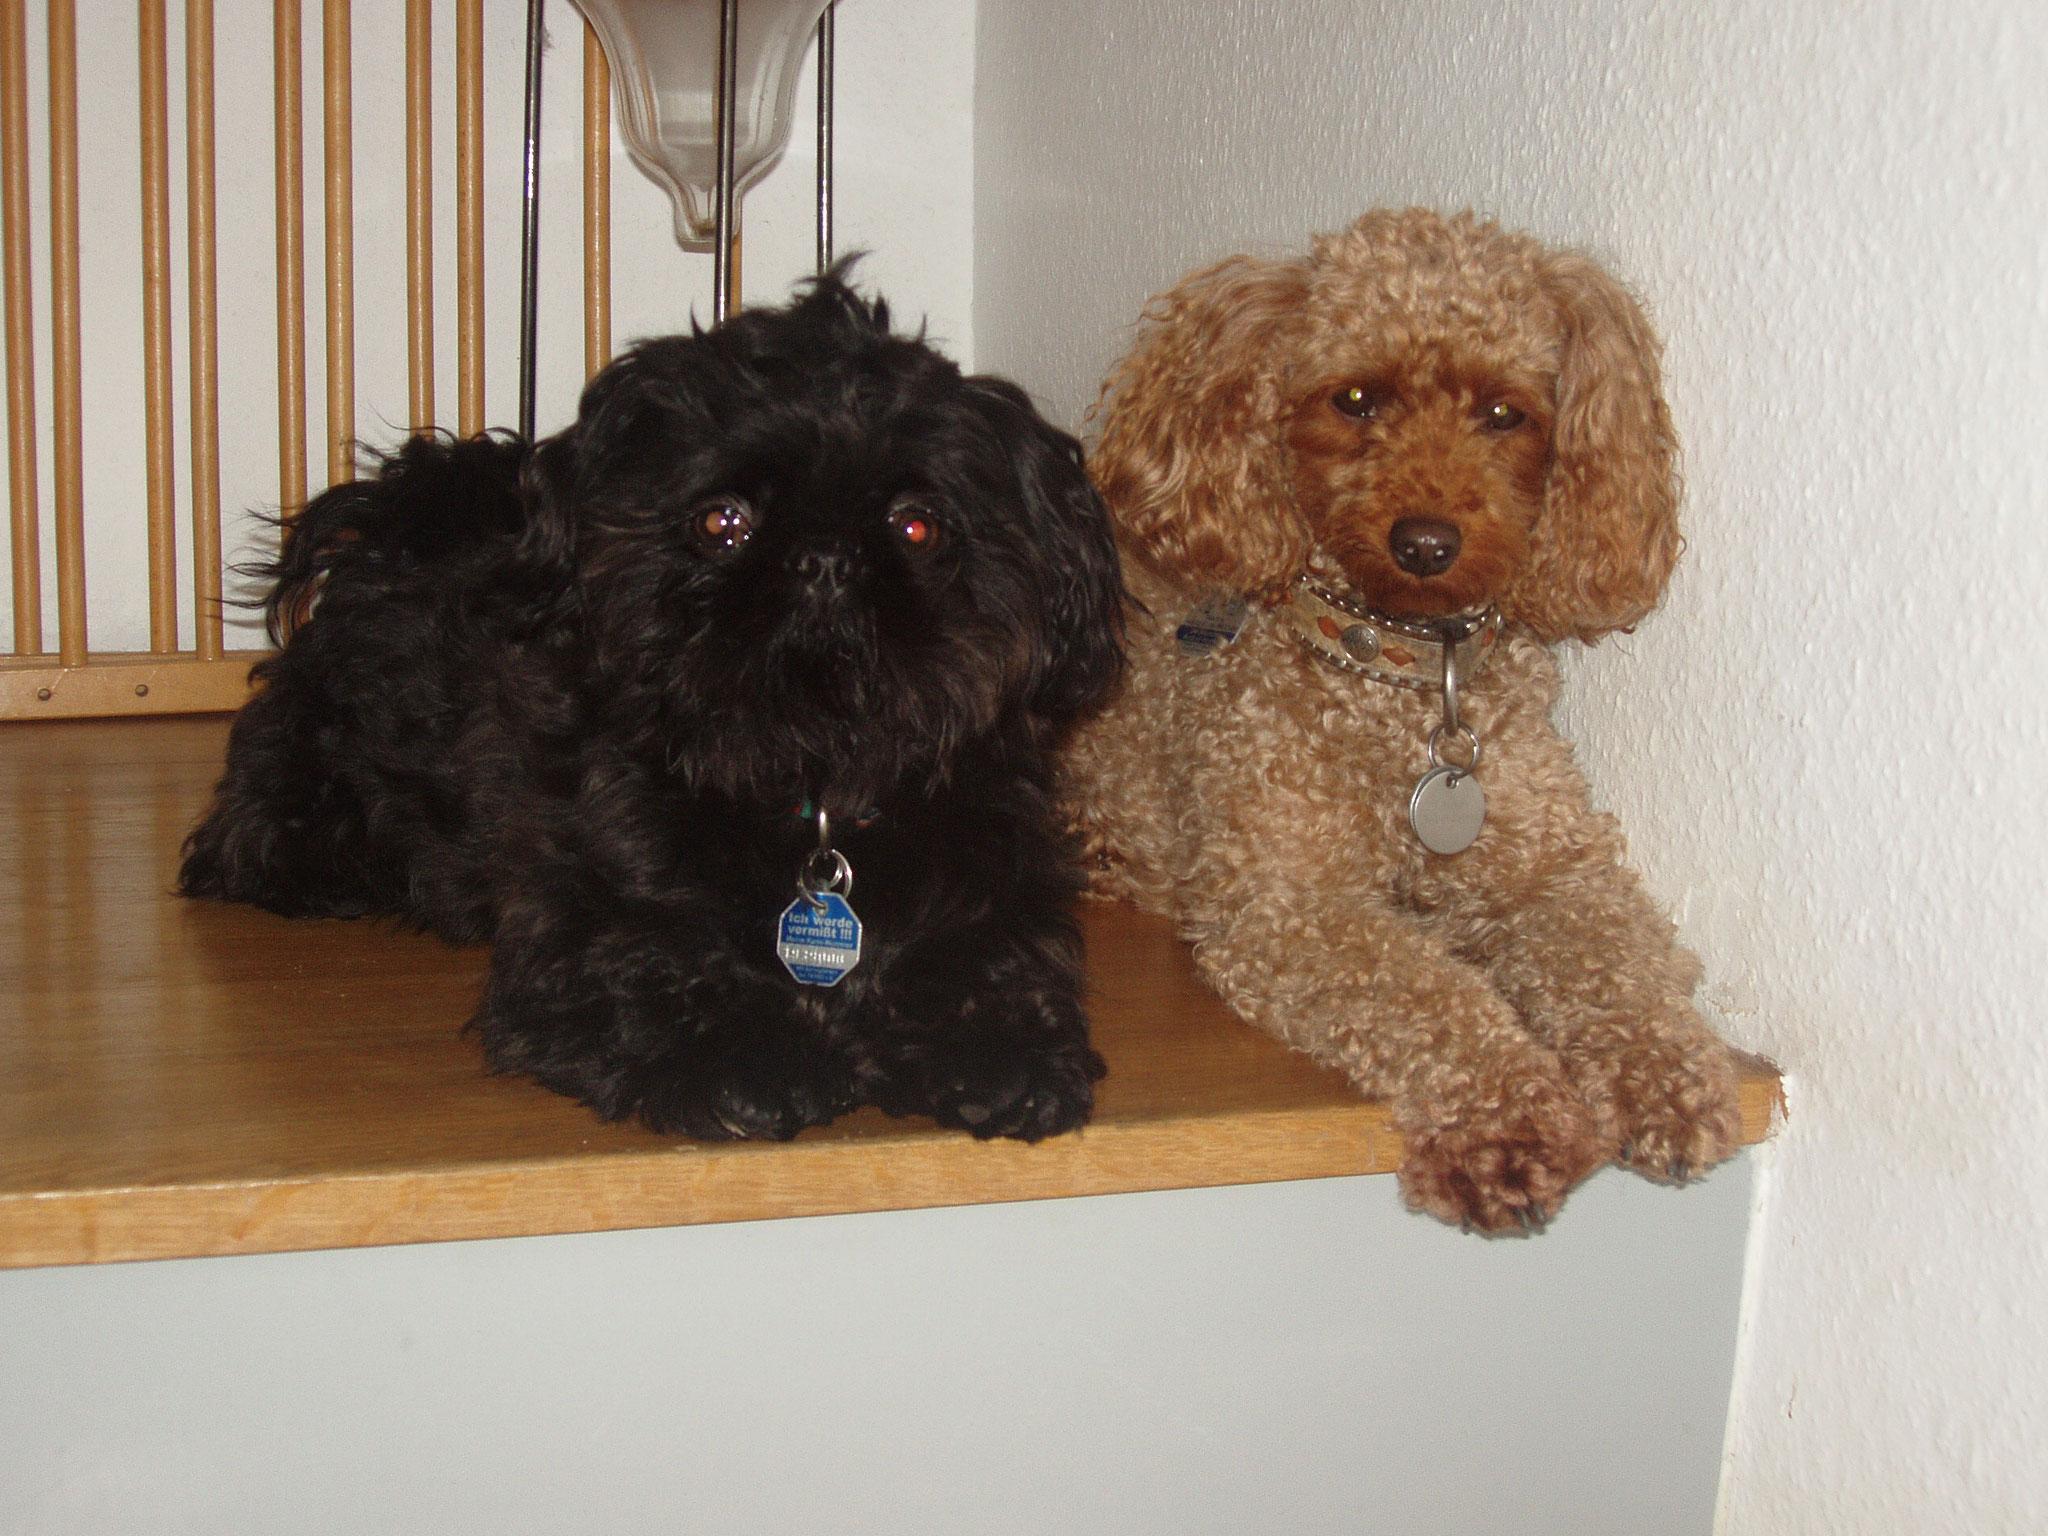 Ginas bester Freund Garry - als er wegzog fing ich mit dem Tierschutz an.